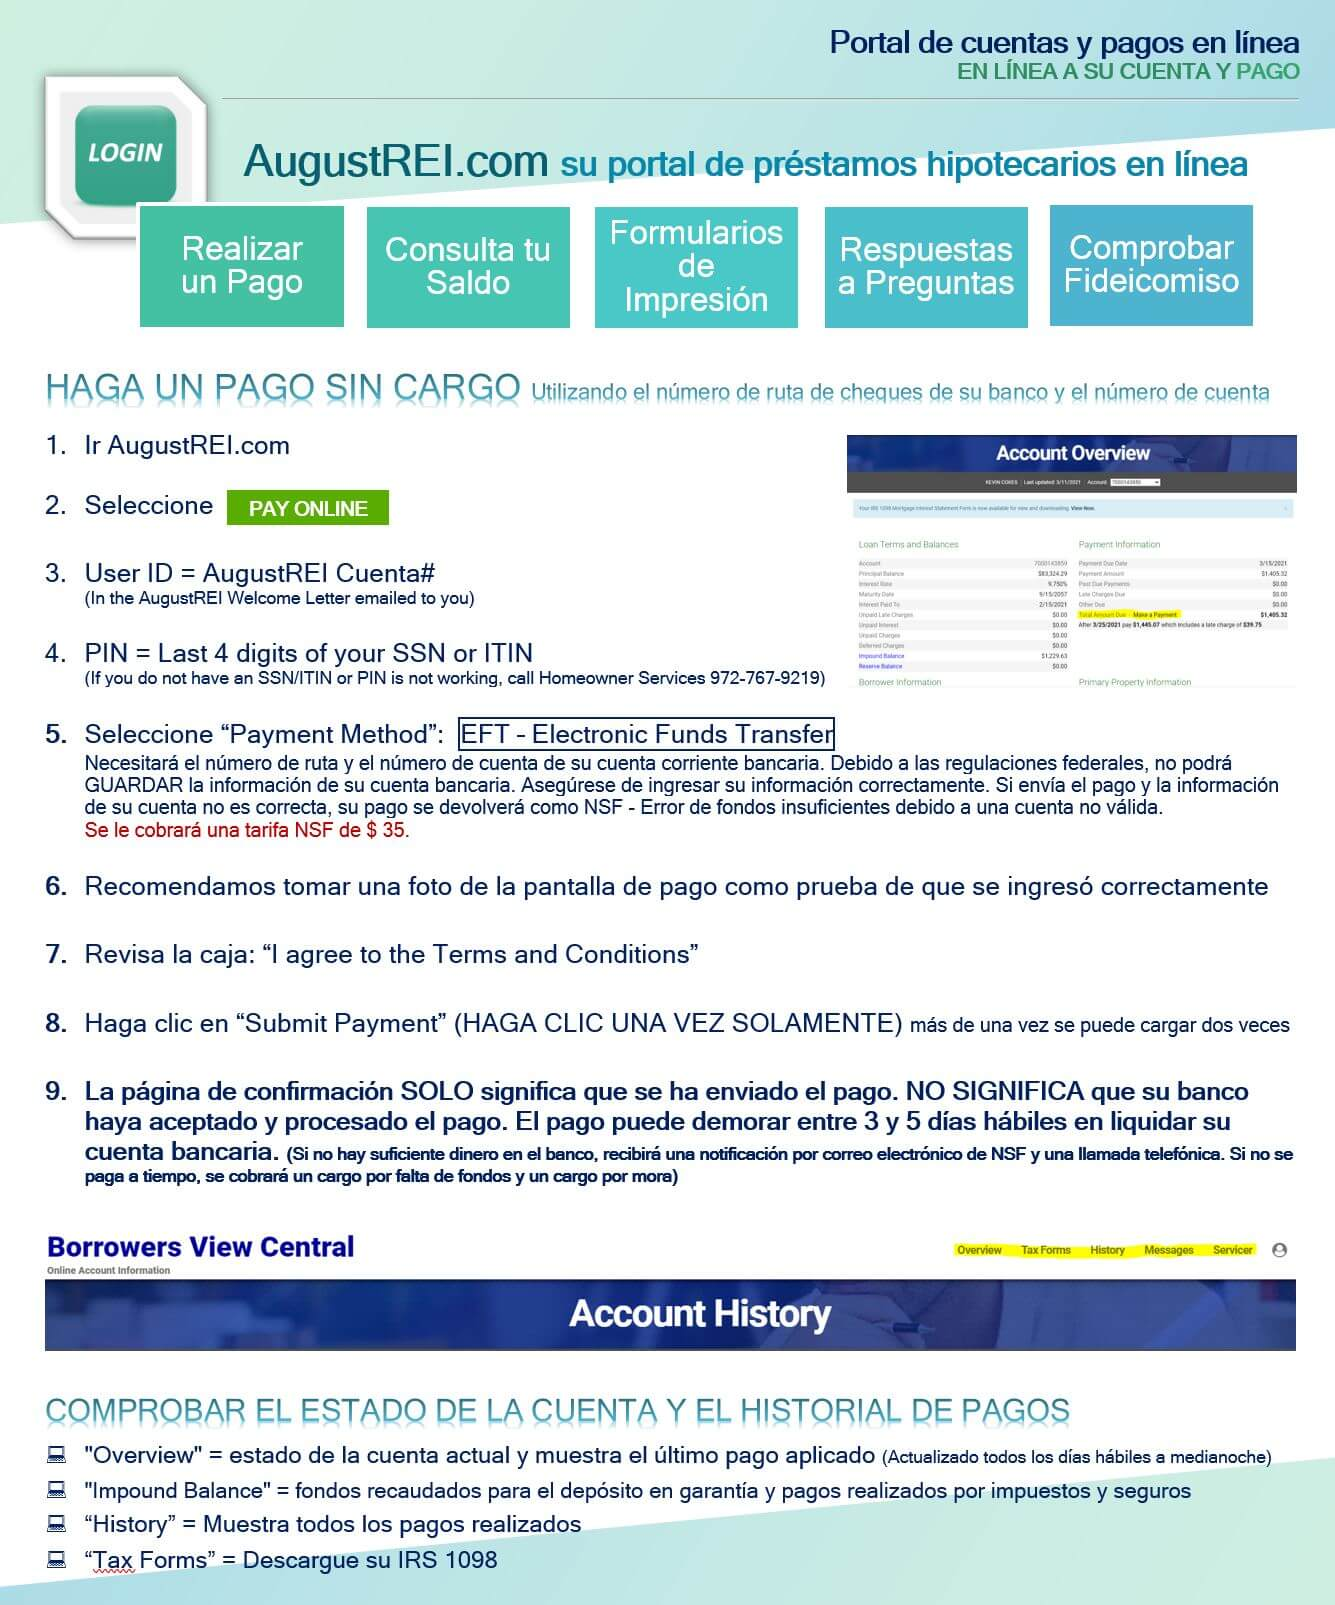 Portal de cuentas y pagos en línea